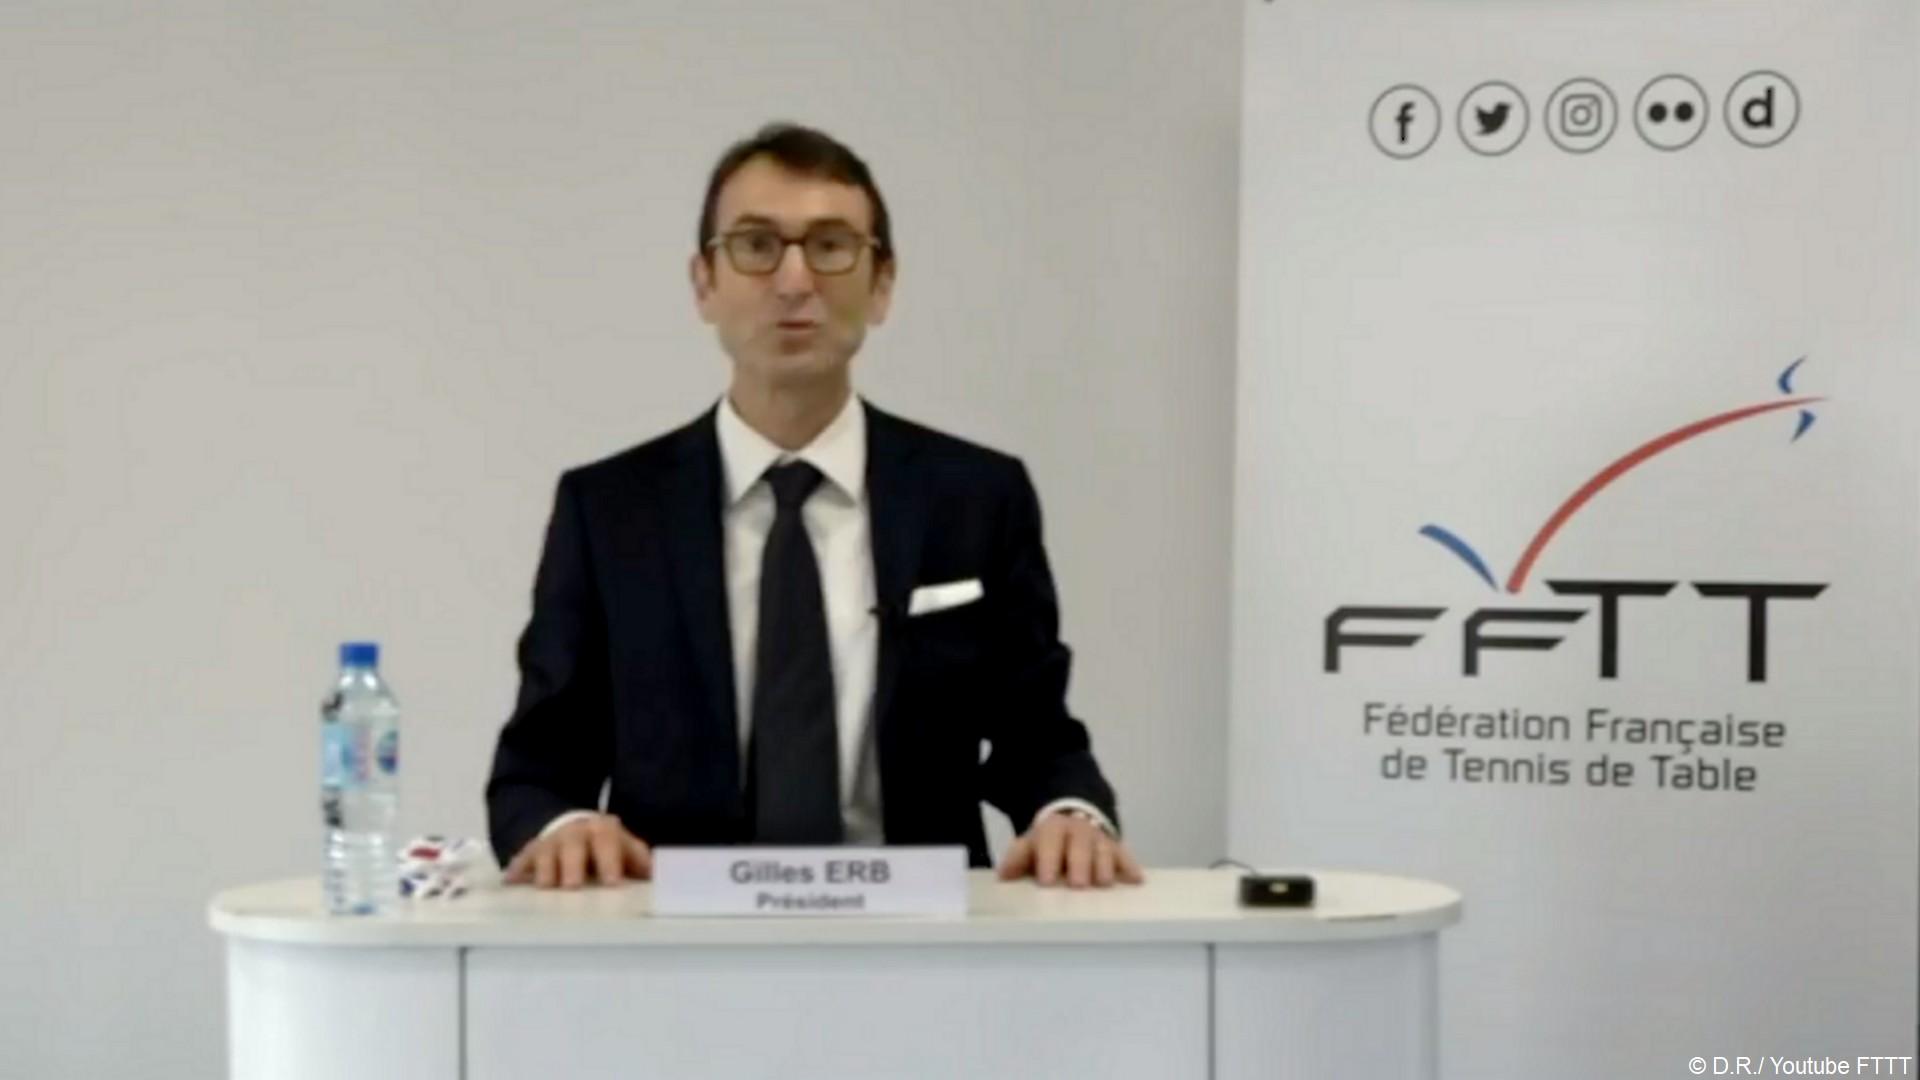 Erb Gilles (1) FFTT